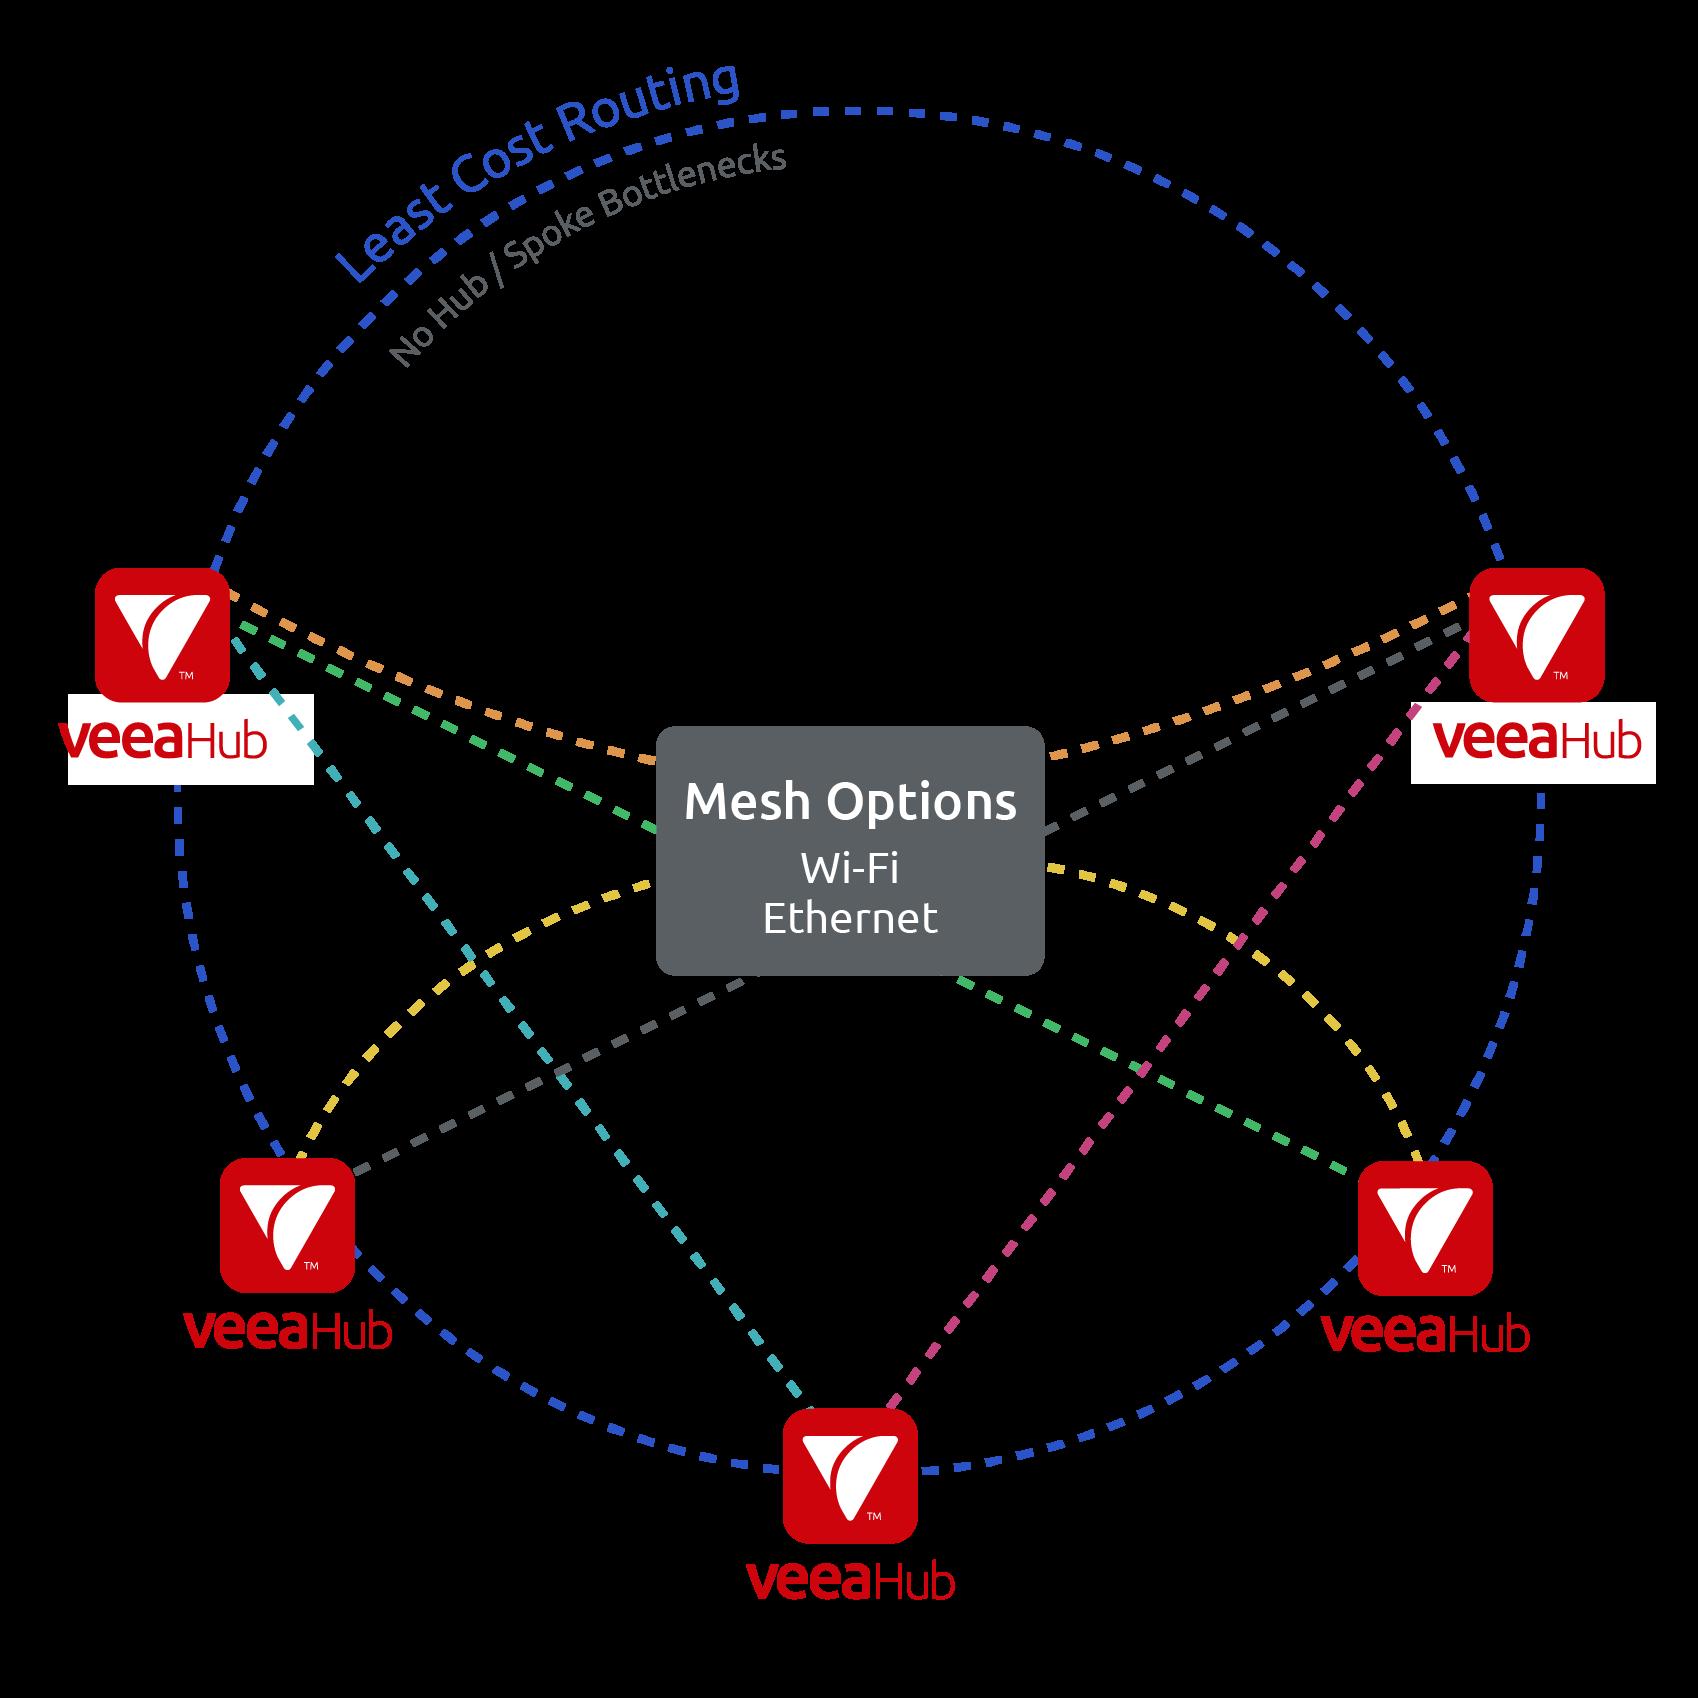 Diagram_VMesh_08 31 21